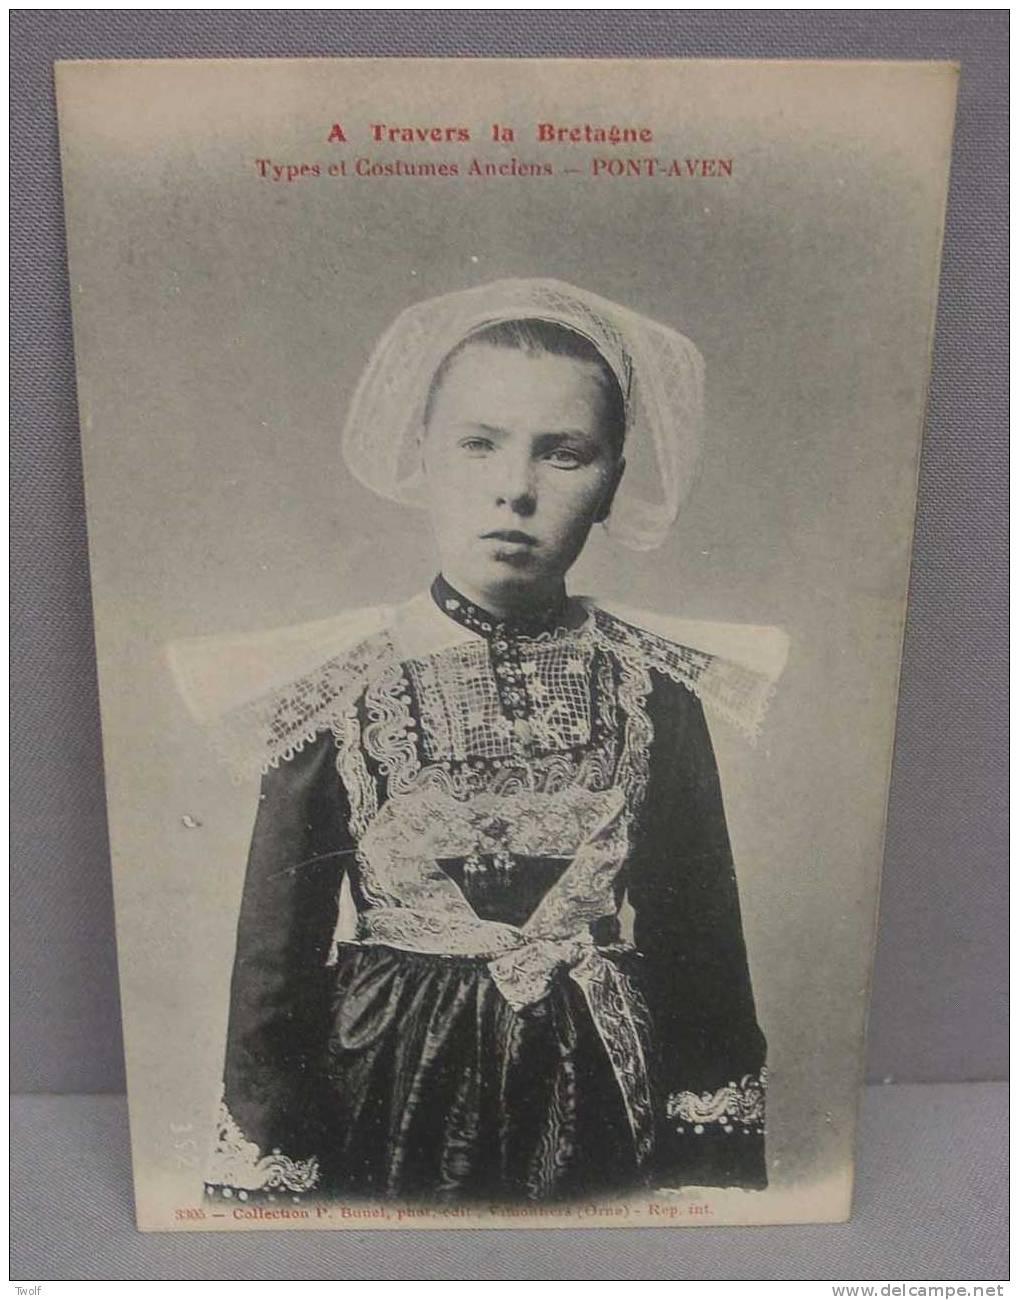 A Travers La Bretagne -  Types Et Costumes Anciens / Pont-Aven. 3305 Collection P. Bunel Vimontiers - Costumes